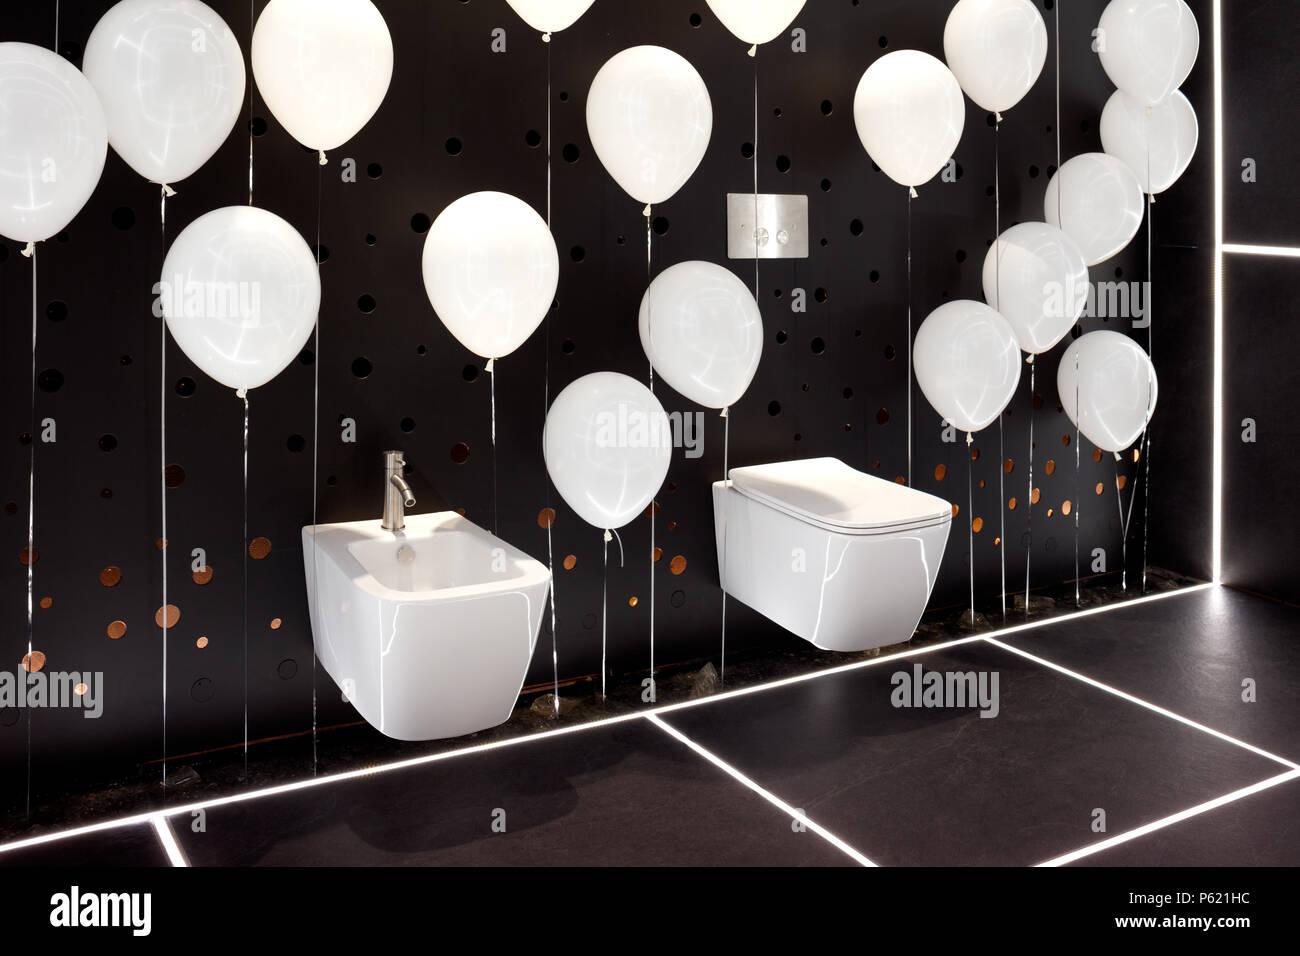 Moderno pendente bianco tazza wc e bidet in interno del bagno di